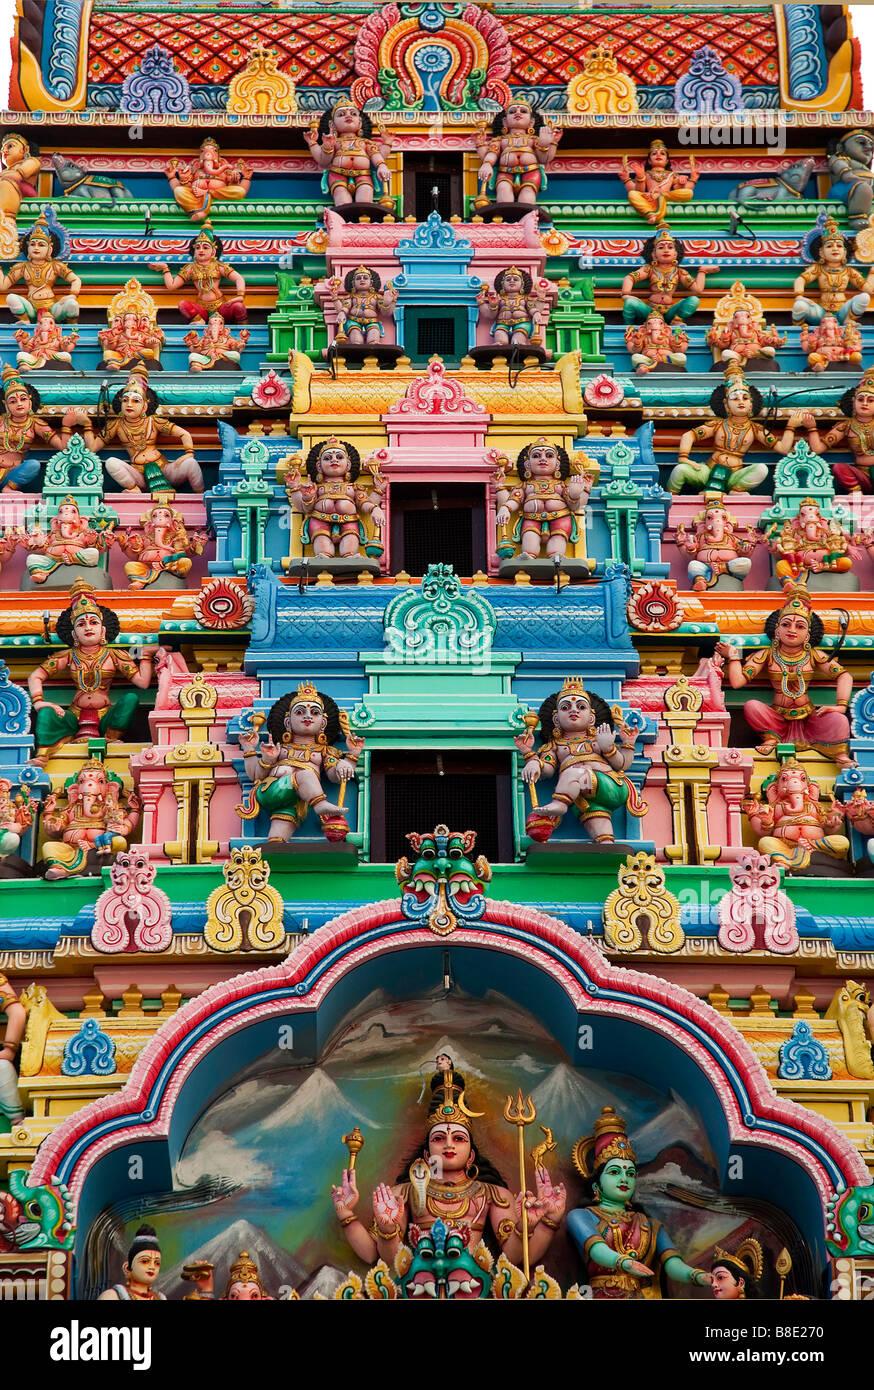 Hindu gods temple figures religion indian singapore gods - Stock Image